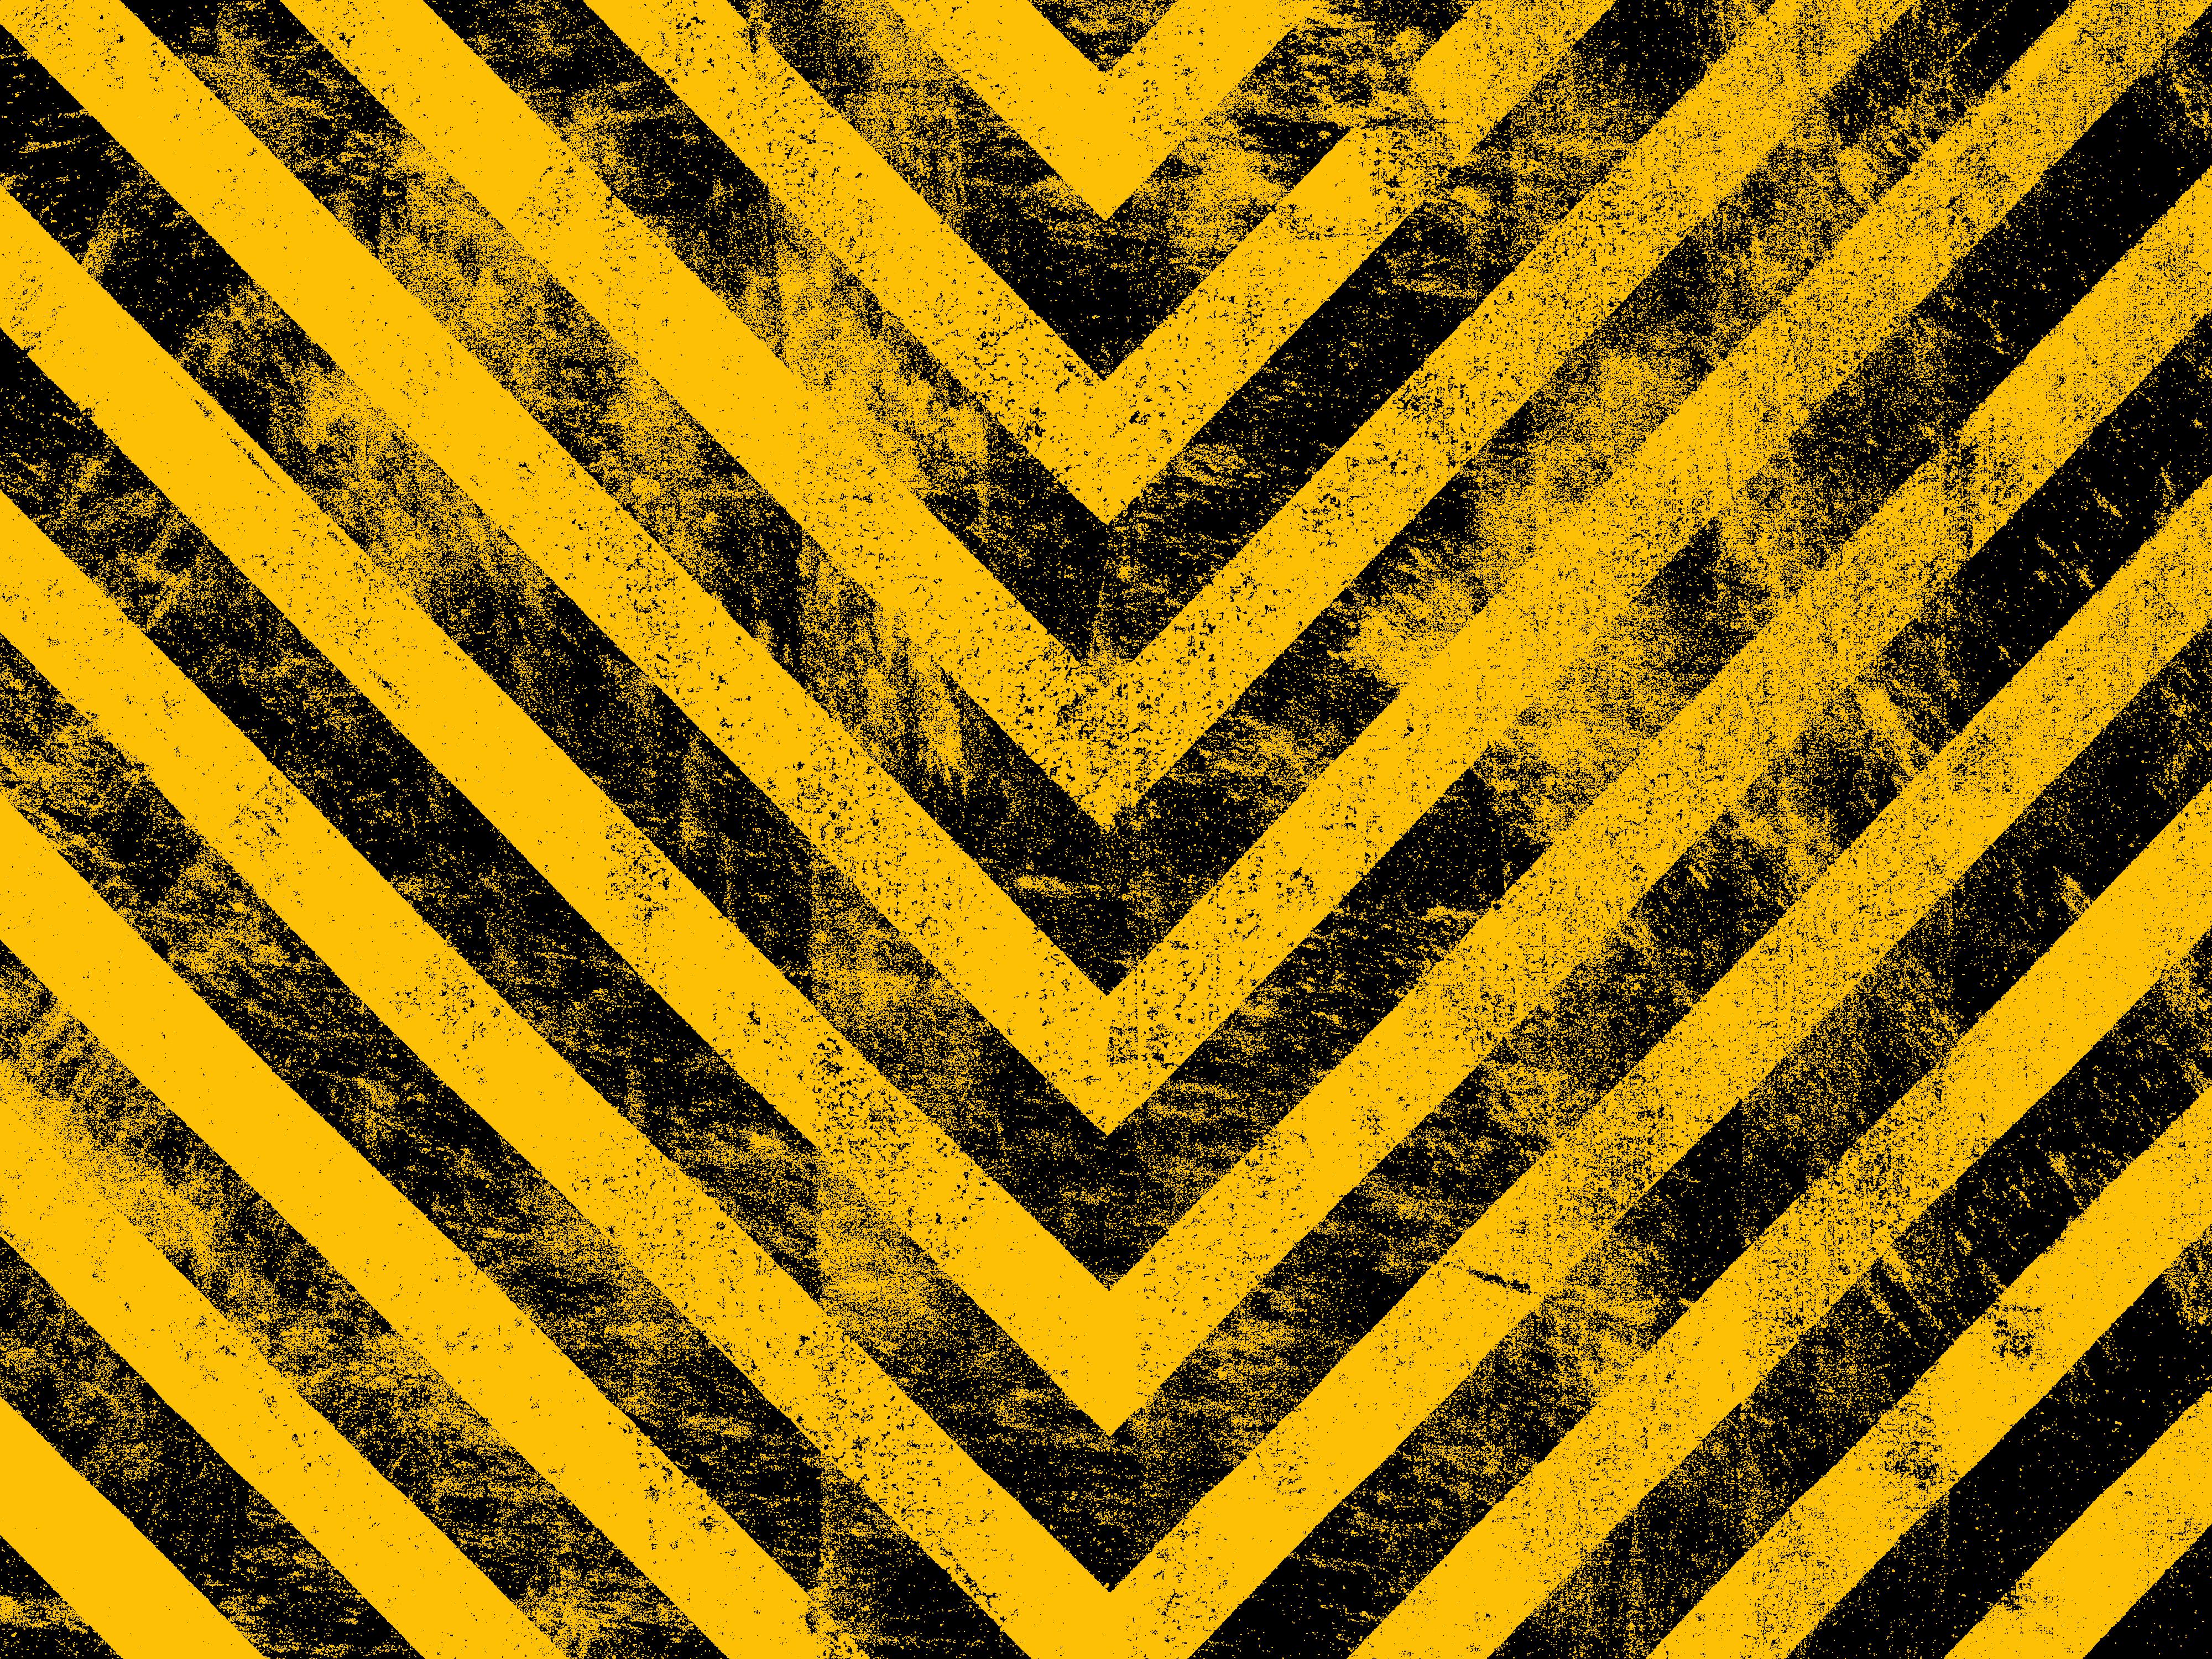 grunge-warning-line-background-4.png